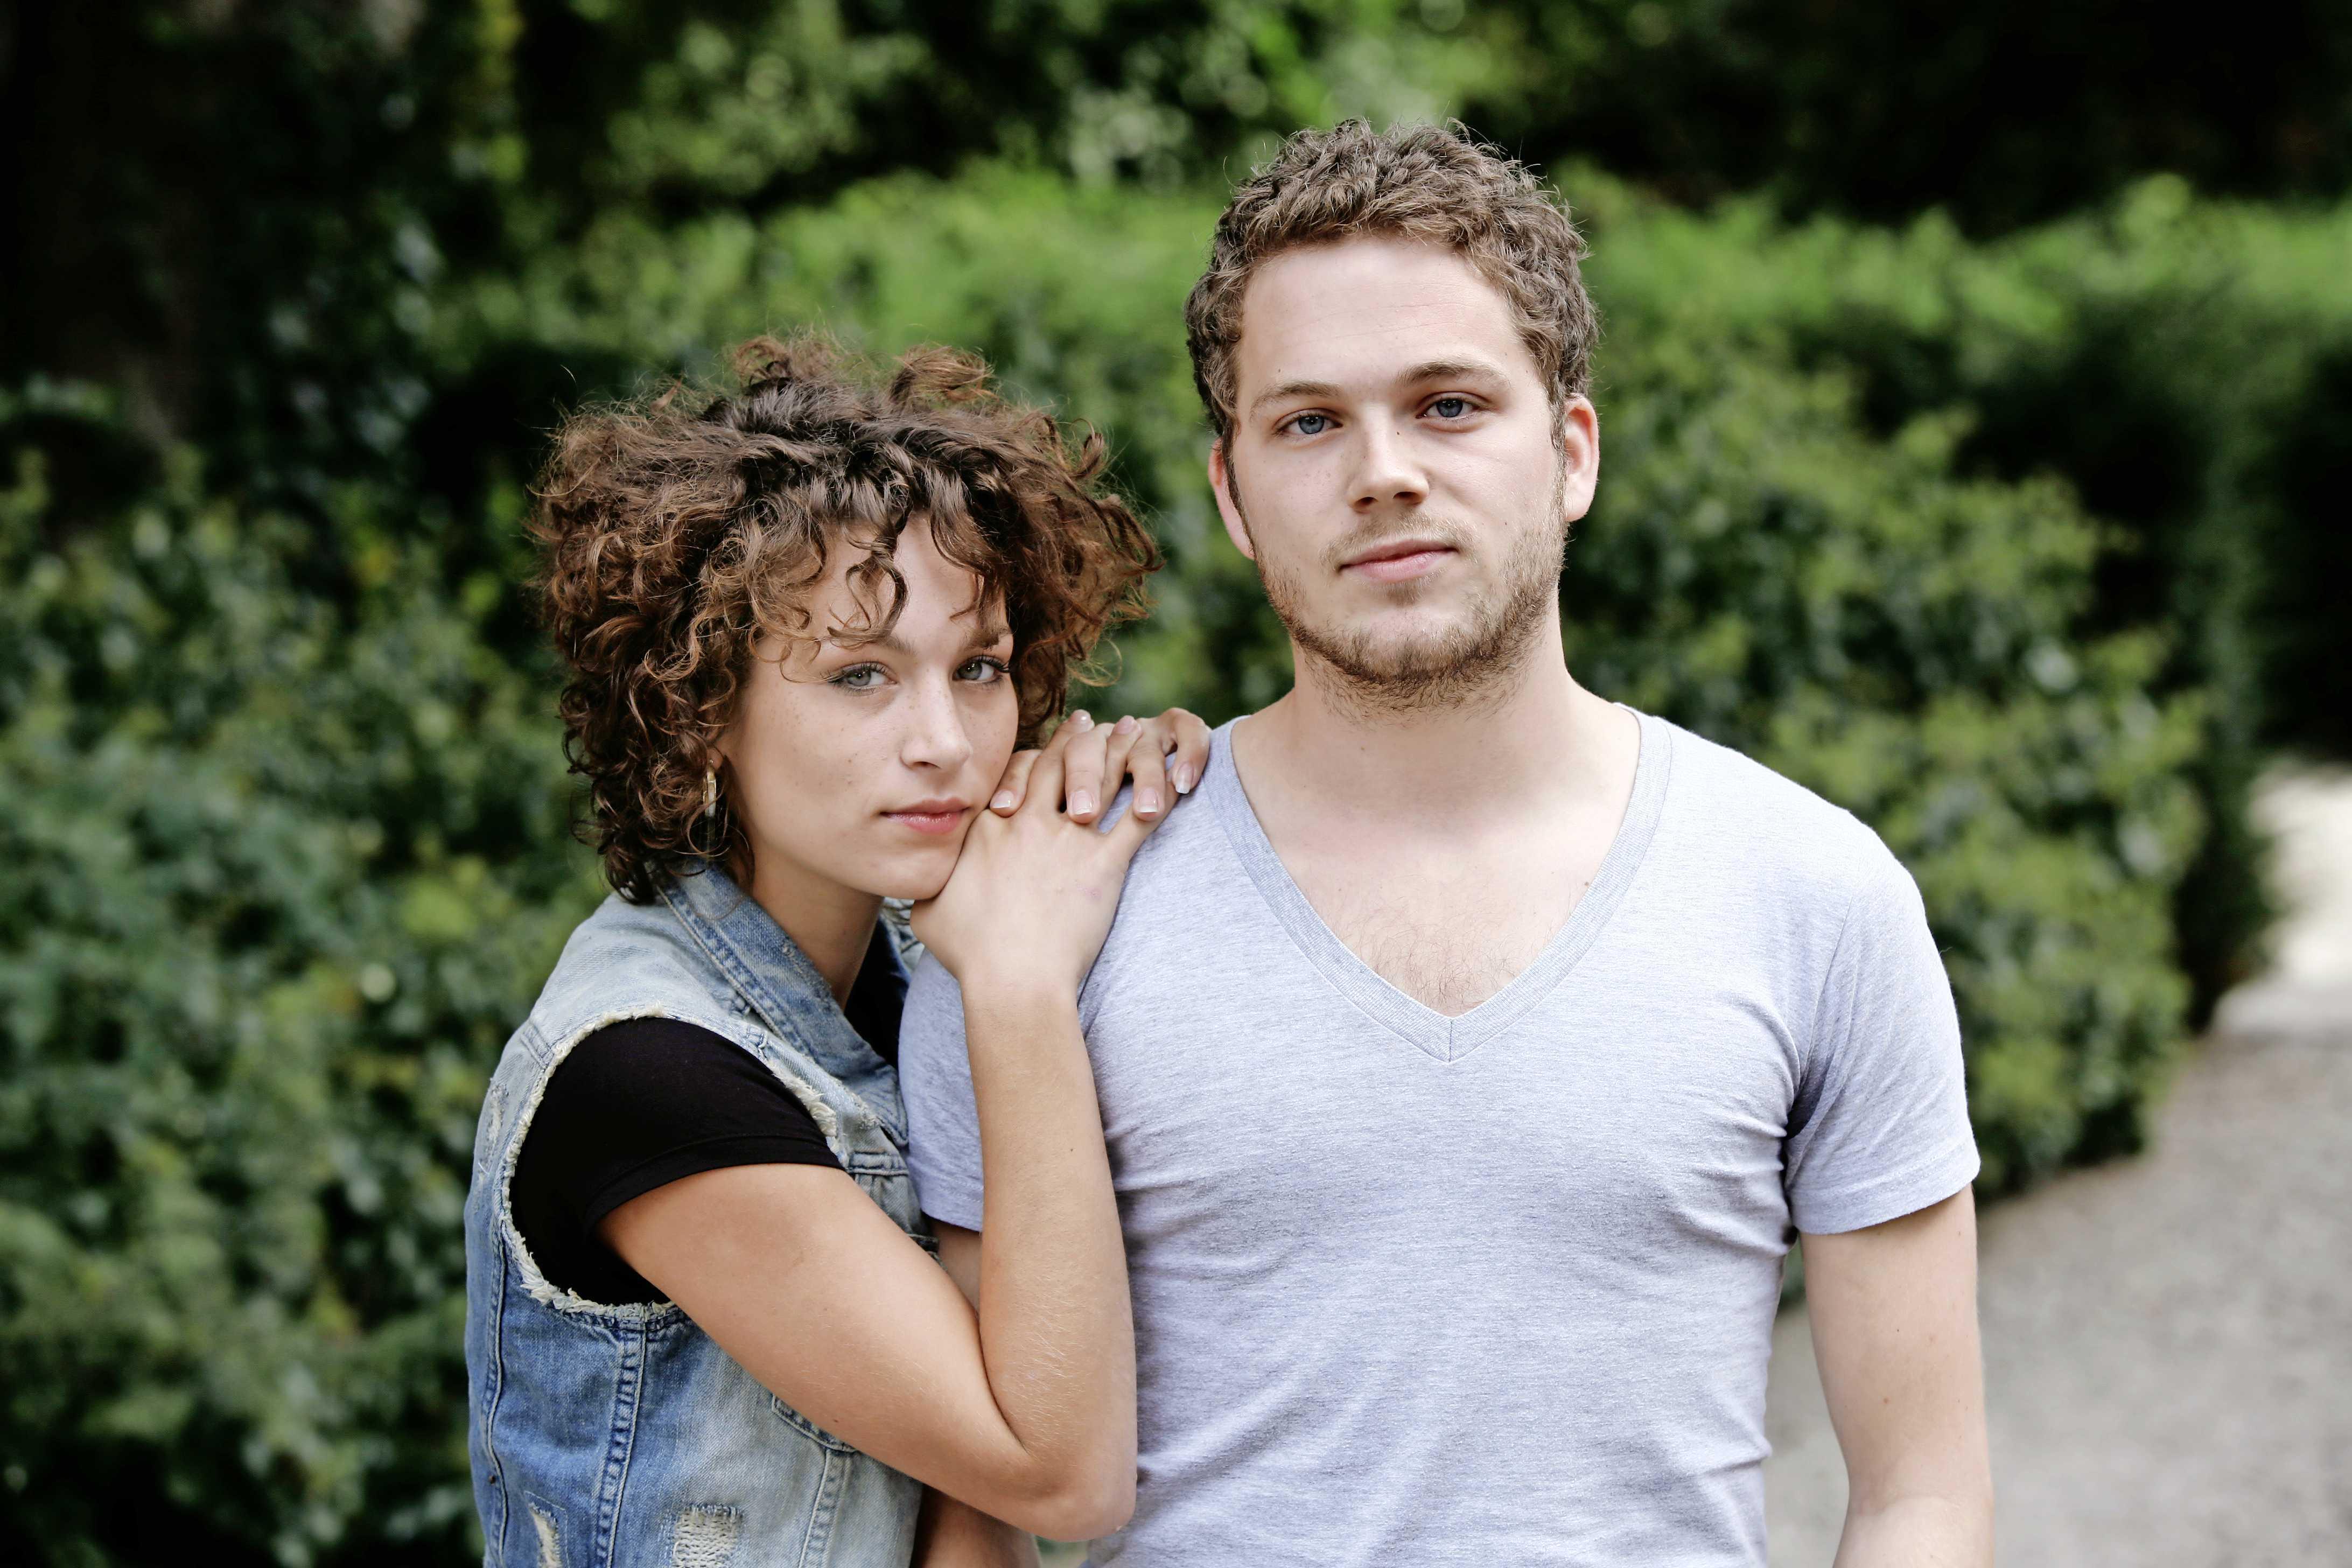 online dating Plaatsvervanger Fake mannelijke profielen op dating sites